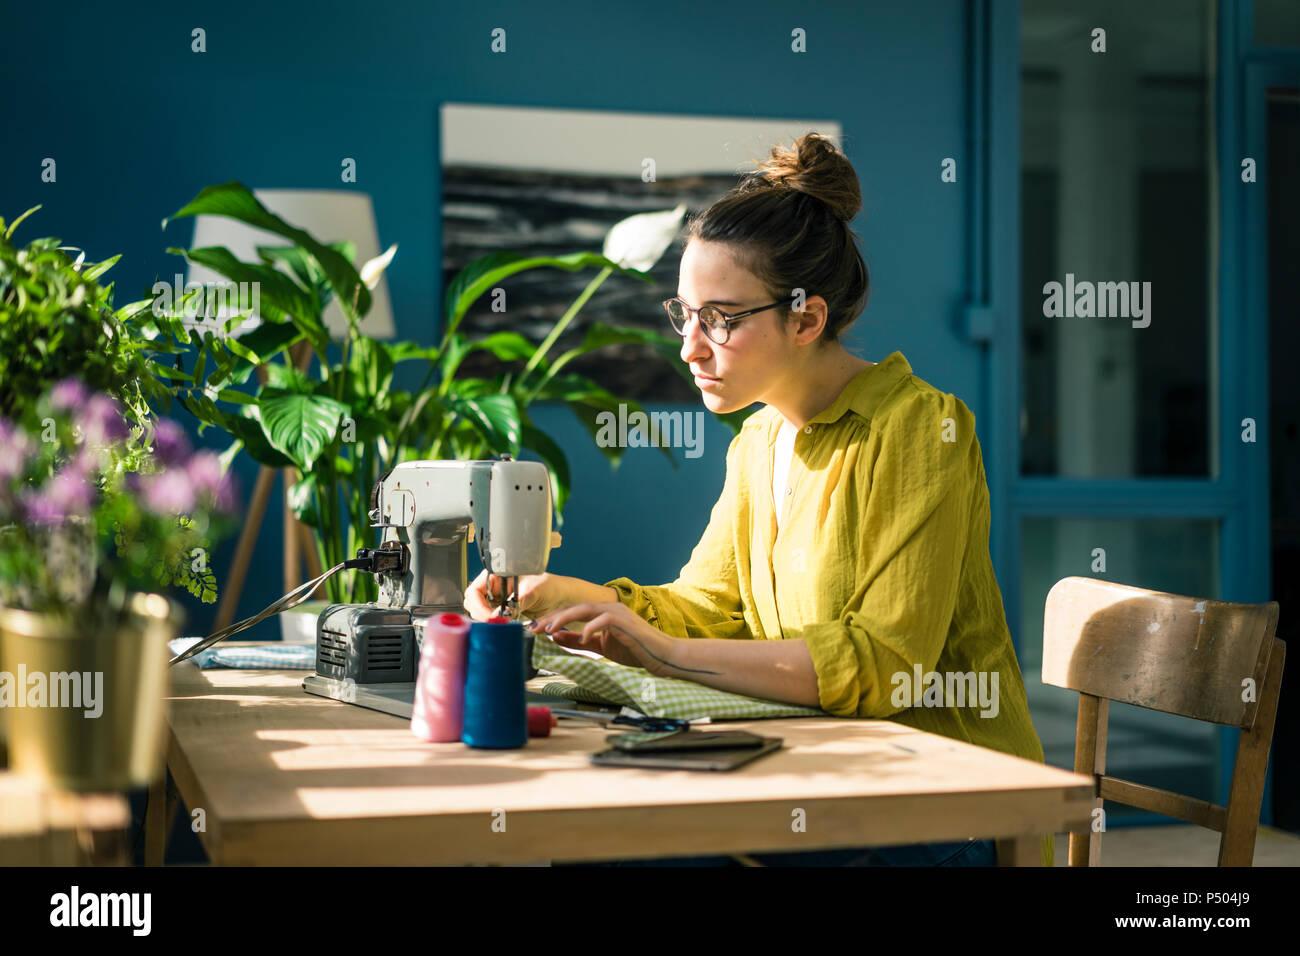 Créateur de mode de travail avec machine à coudre dans son atelier Photo Stock